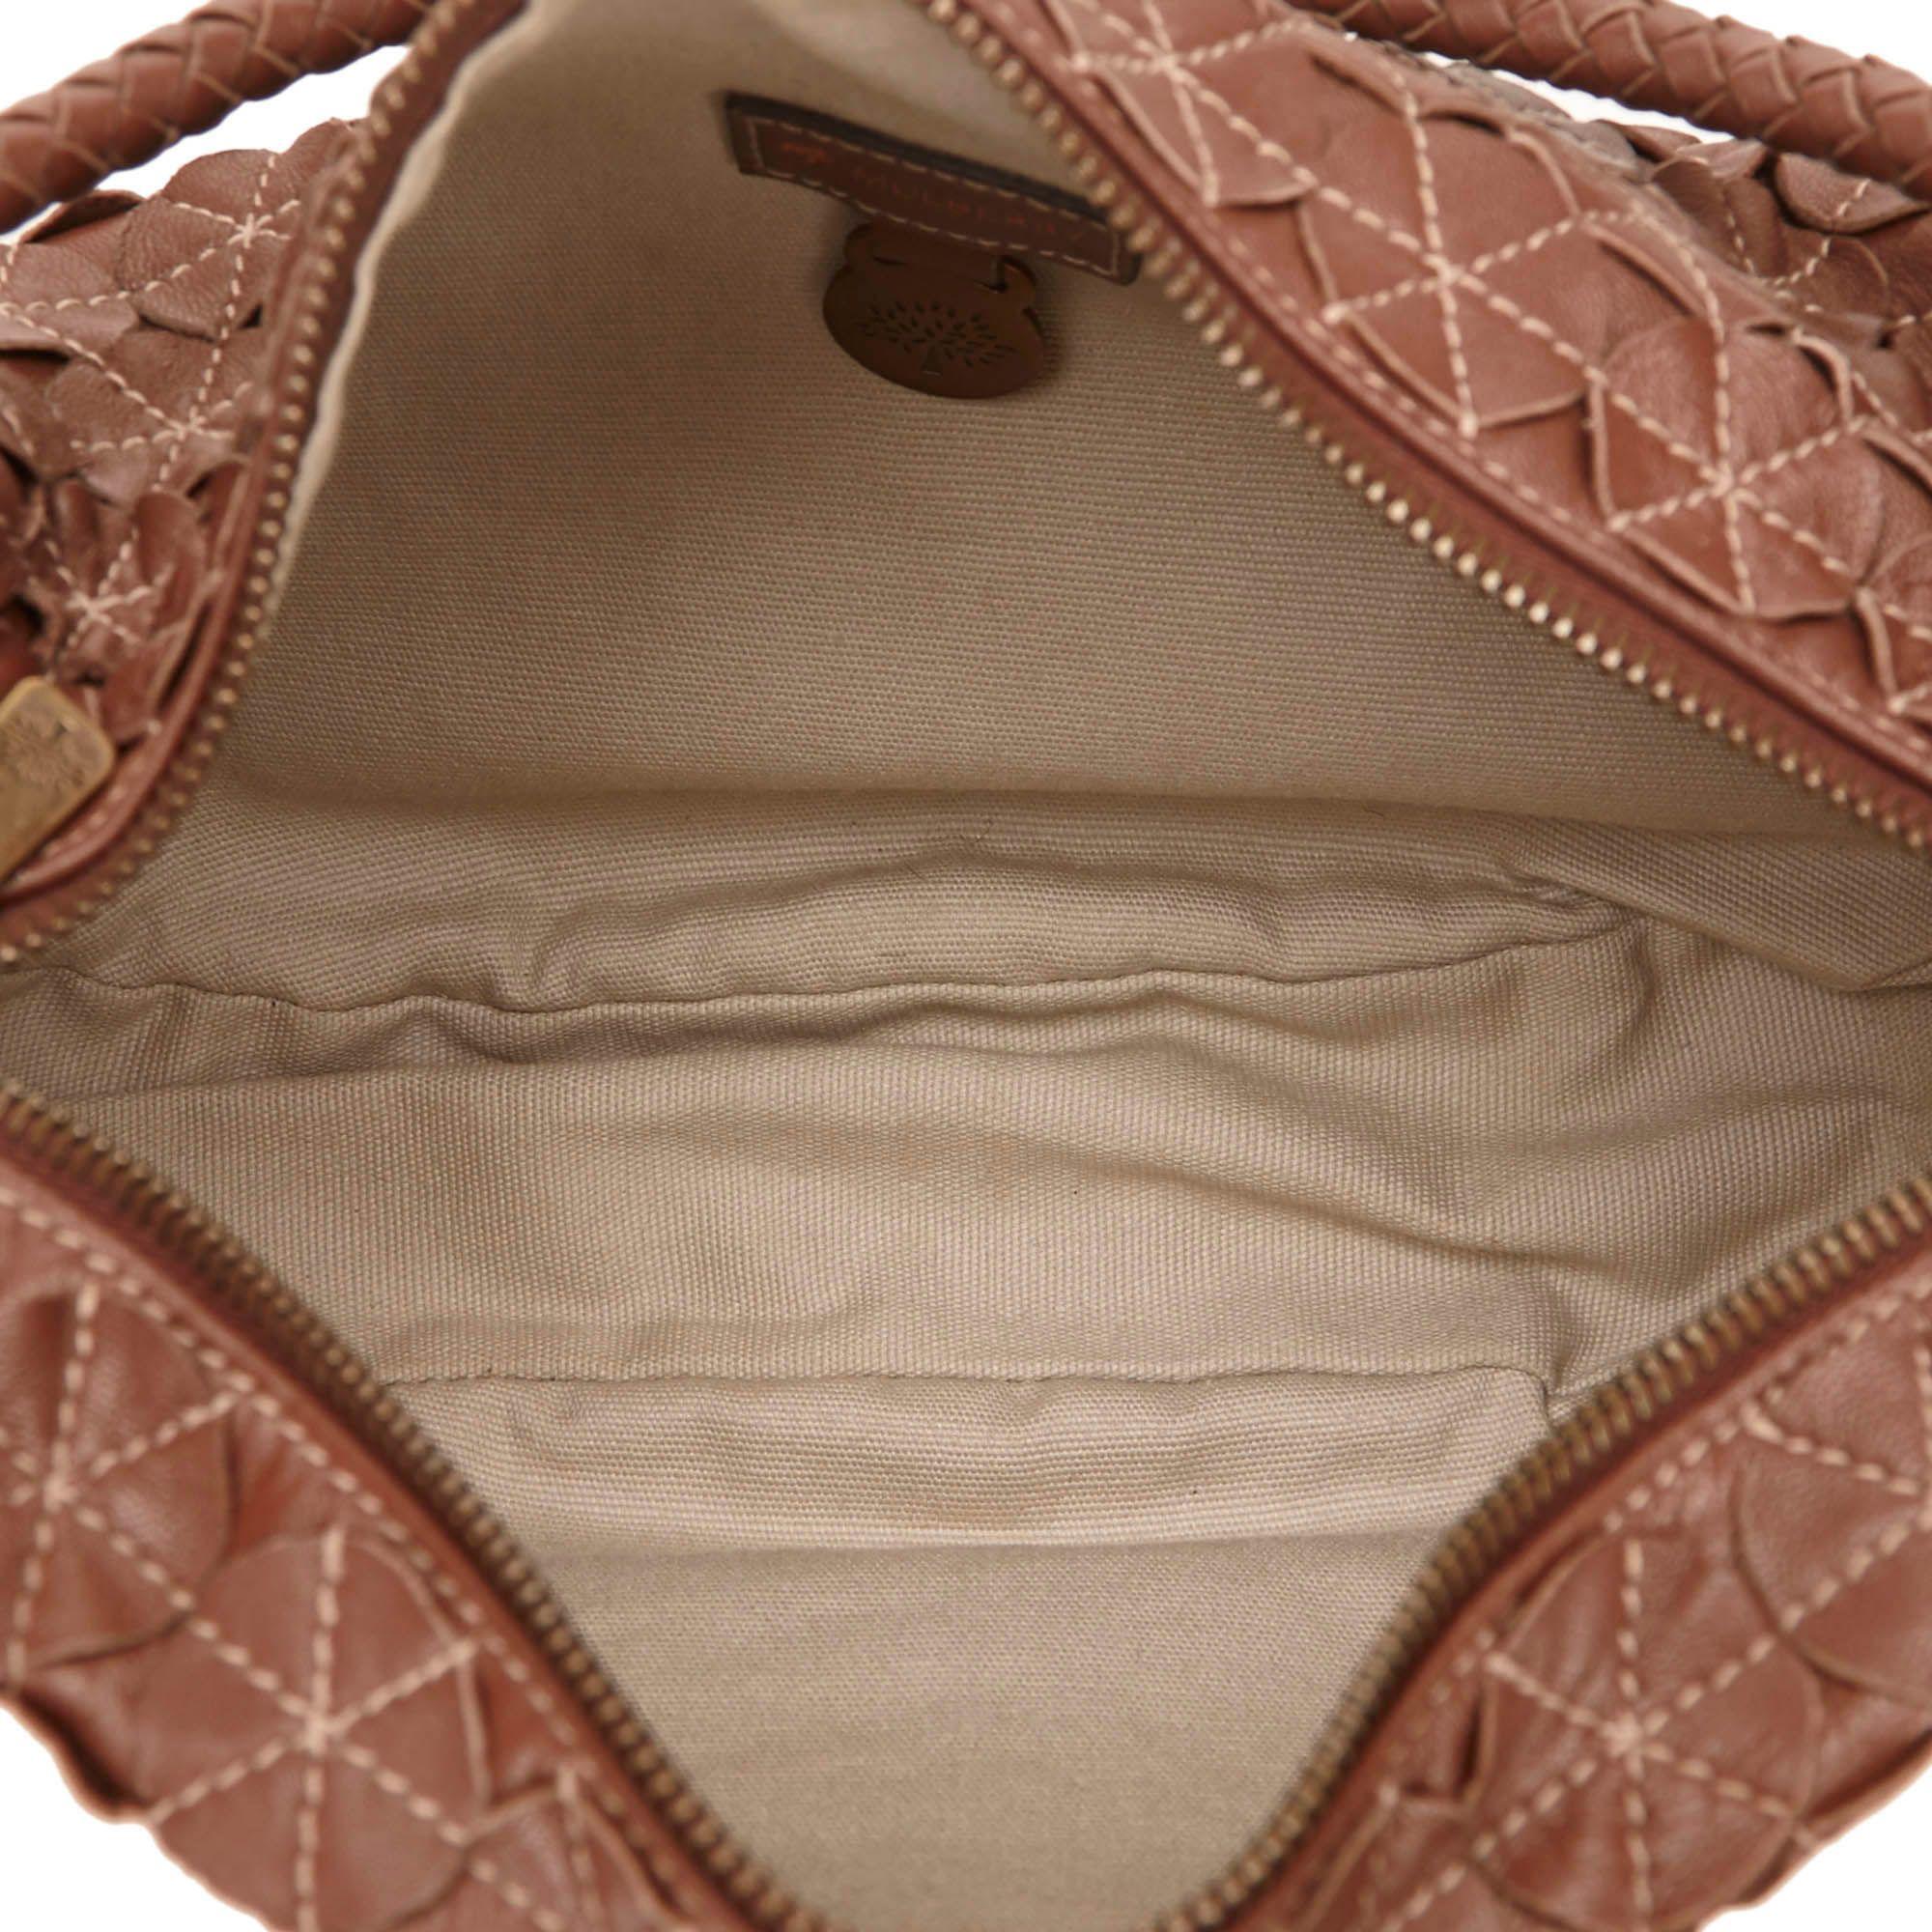 Vintage Mulberry Textured Leather Shoulder Bag Brown